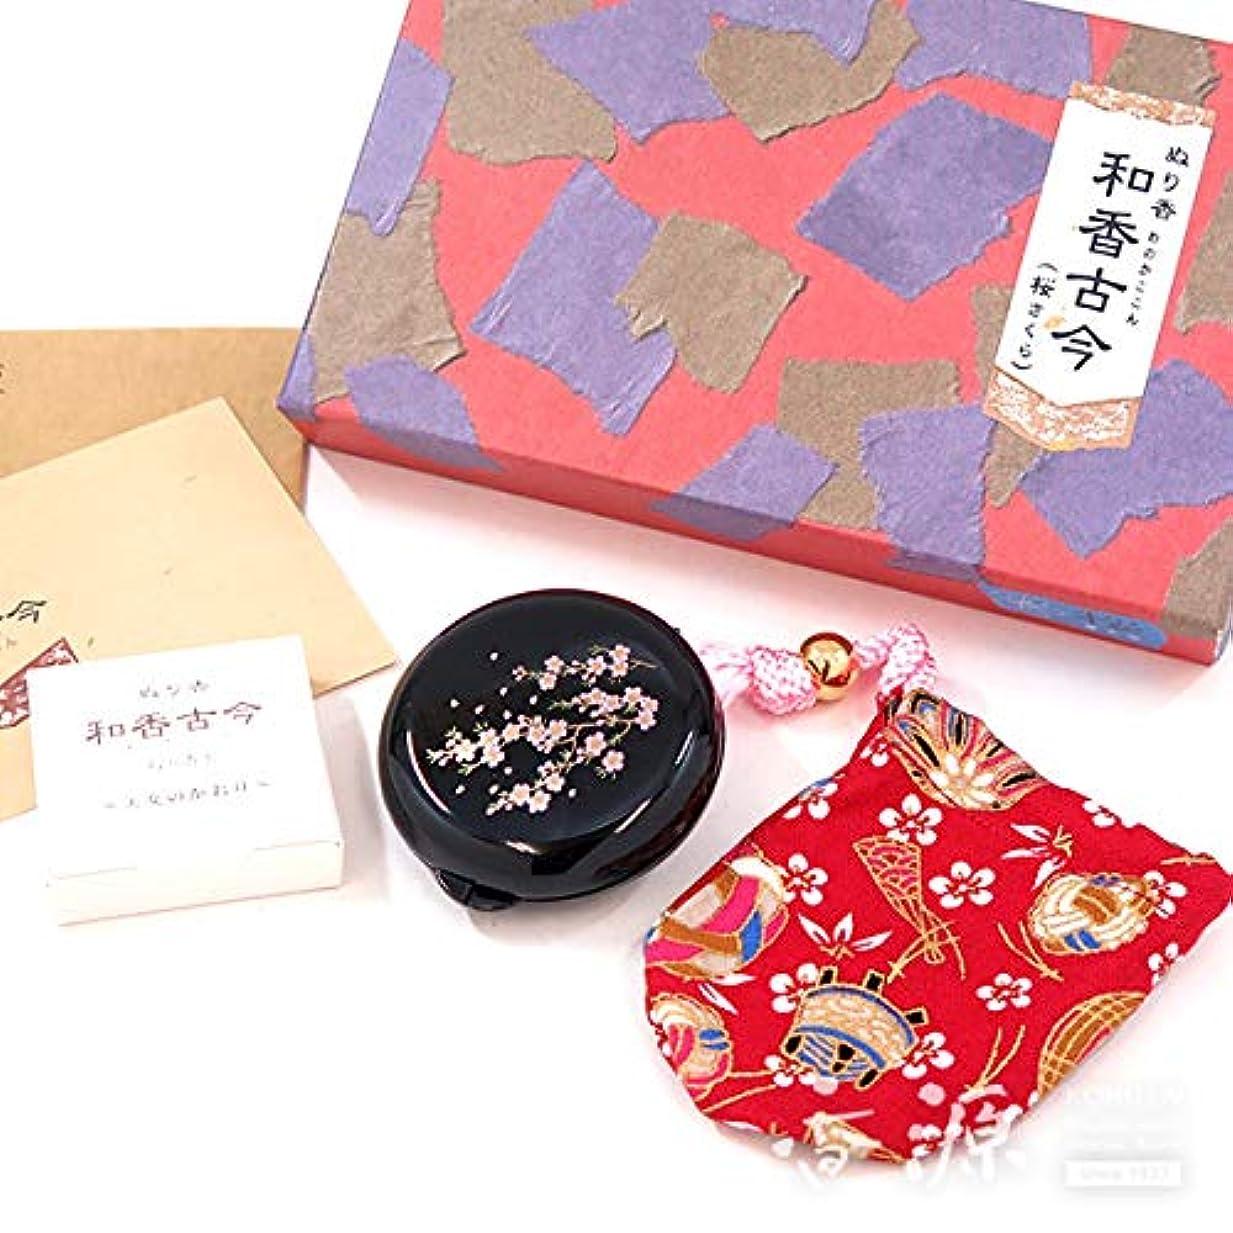 触覚誓い書道長川仁三郎商店のお香 和香古今(わのかここん)天女の香り 桜(黒のコンパクト)?赤の巾着のセット